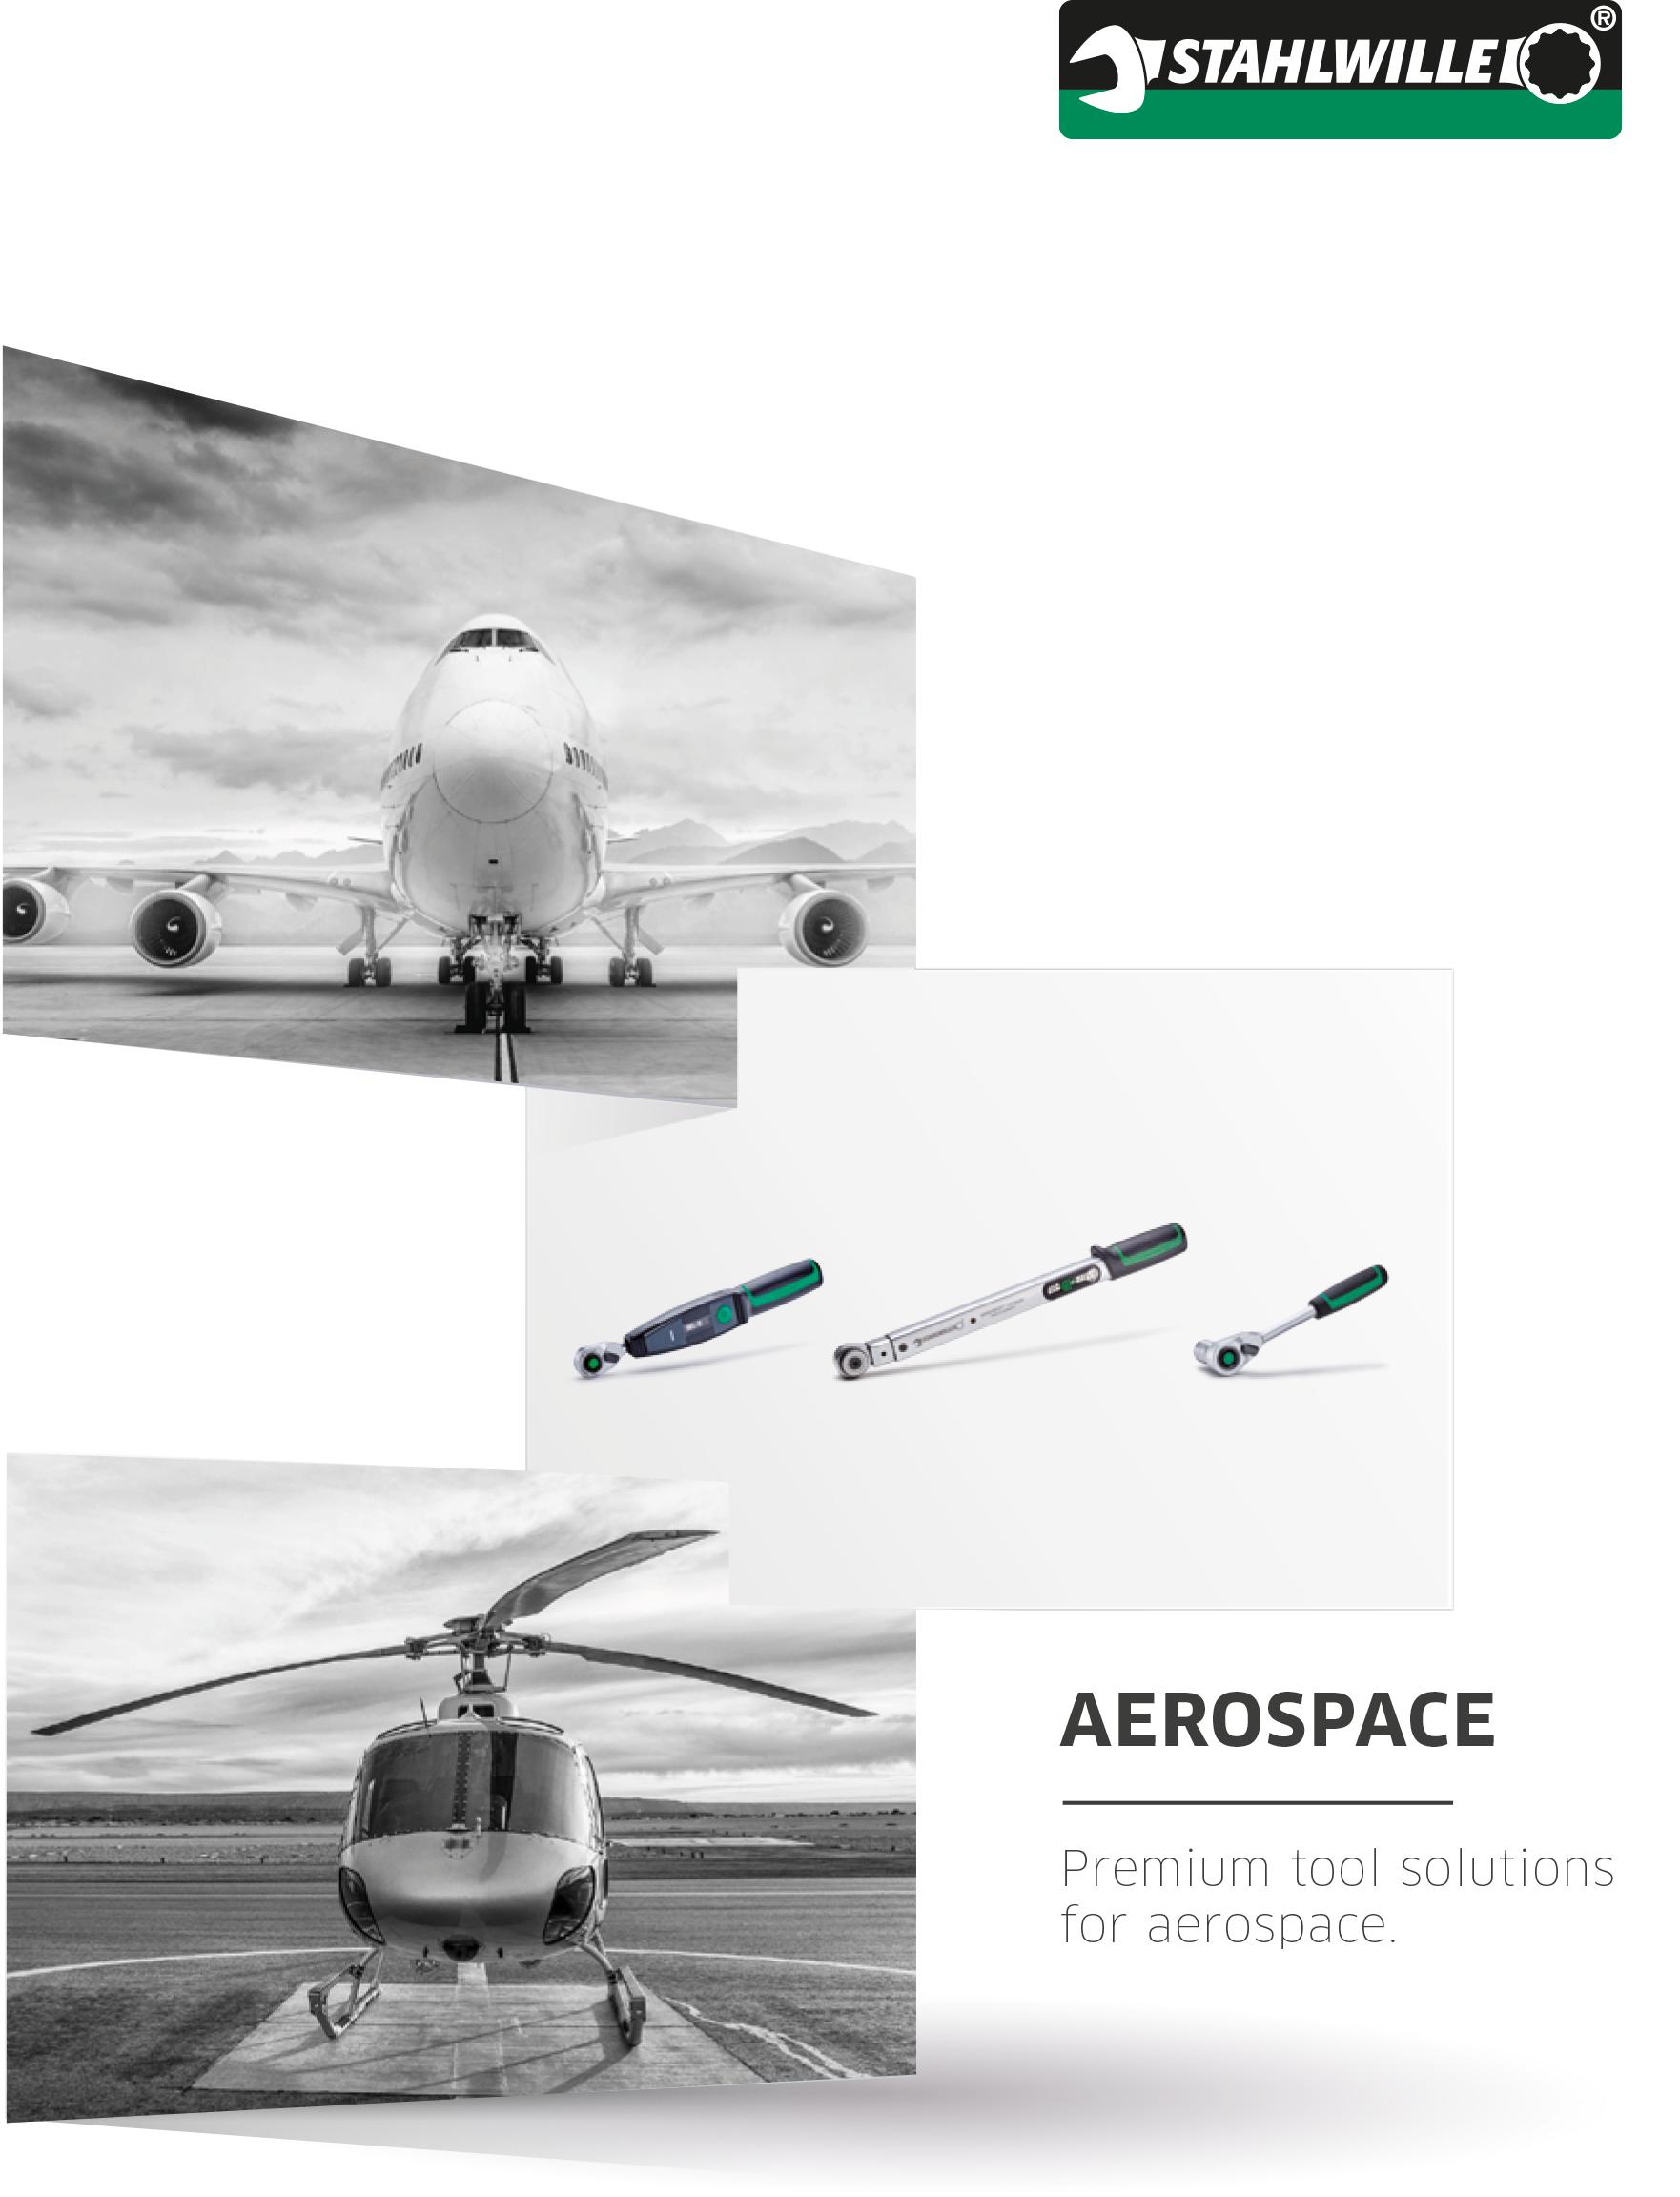 Catalogo_Stahlwille_Aerospace_Ramico_Strumenti_di_Misura_Torino